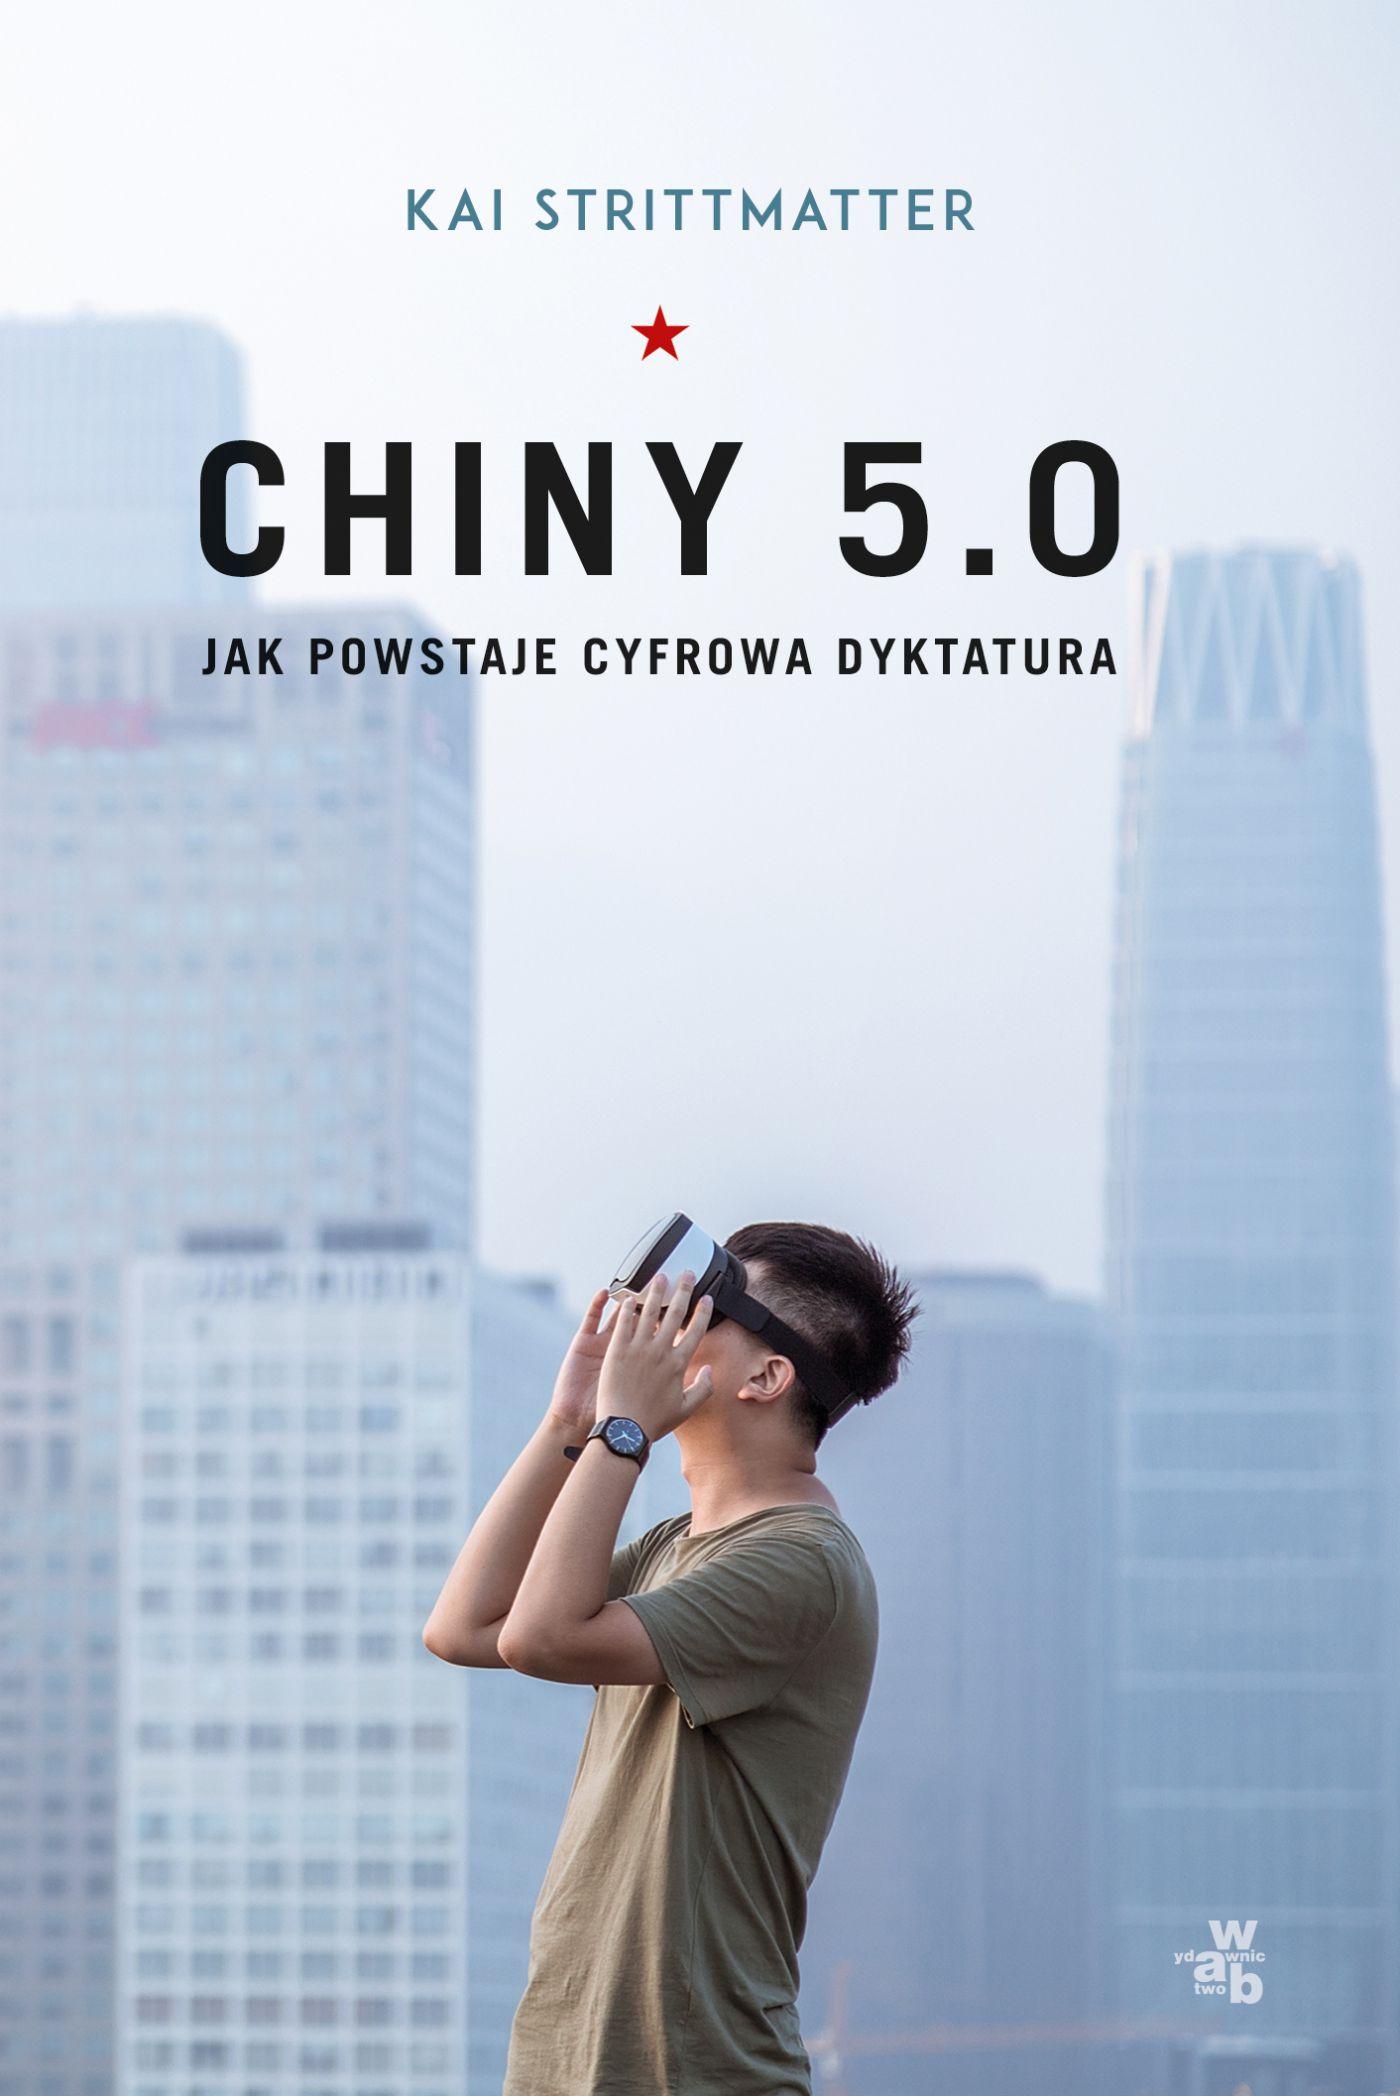 Chiny 5.0. Jak powstaje cyfrowa dyktatura - Ebook (Książka na Kindle) do pobrania w formacie MOBI